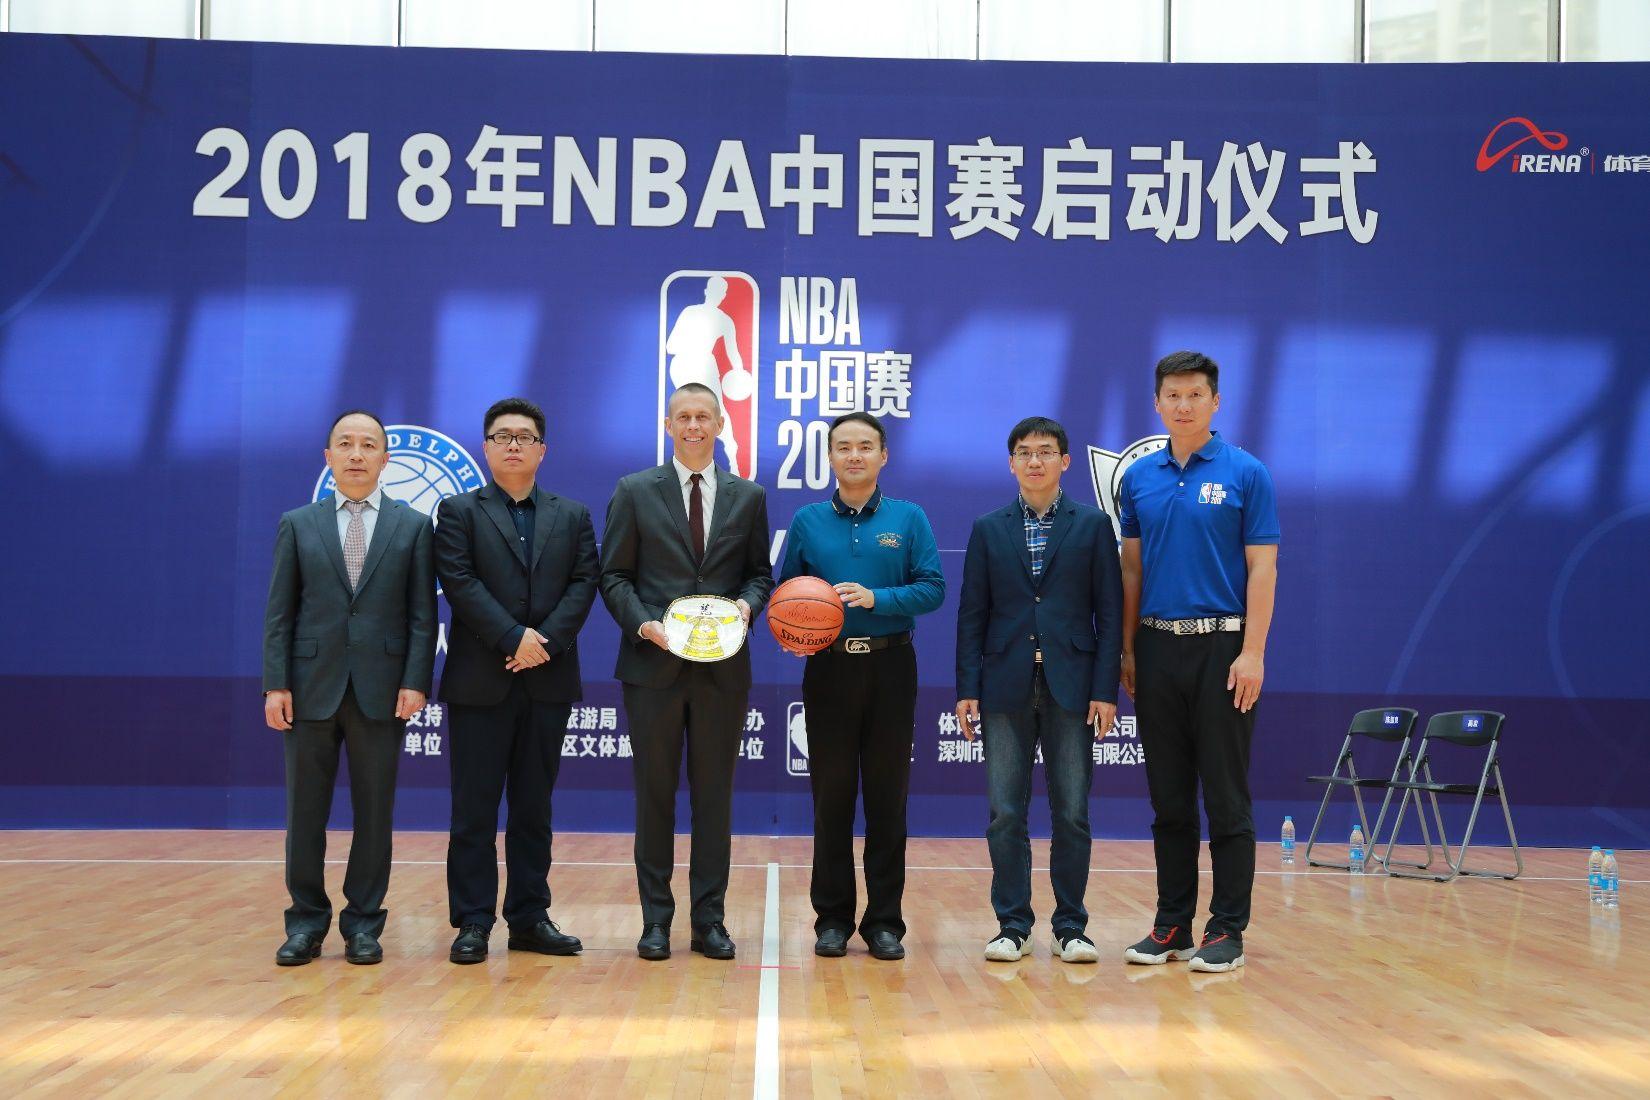 2018 NBA中国赛深城举办启动仪式 书法家与麒麟舞助阵